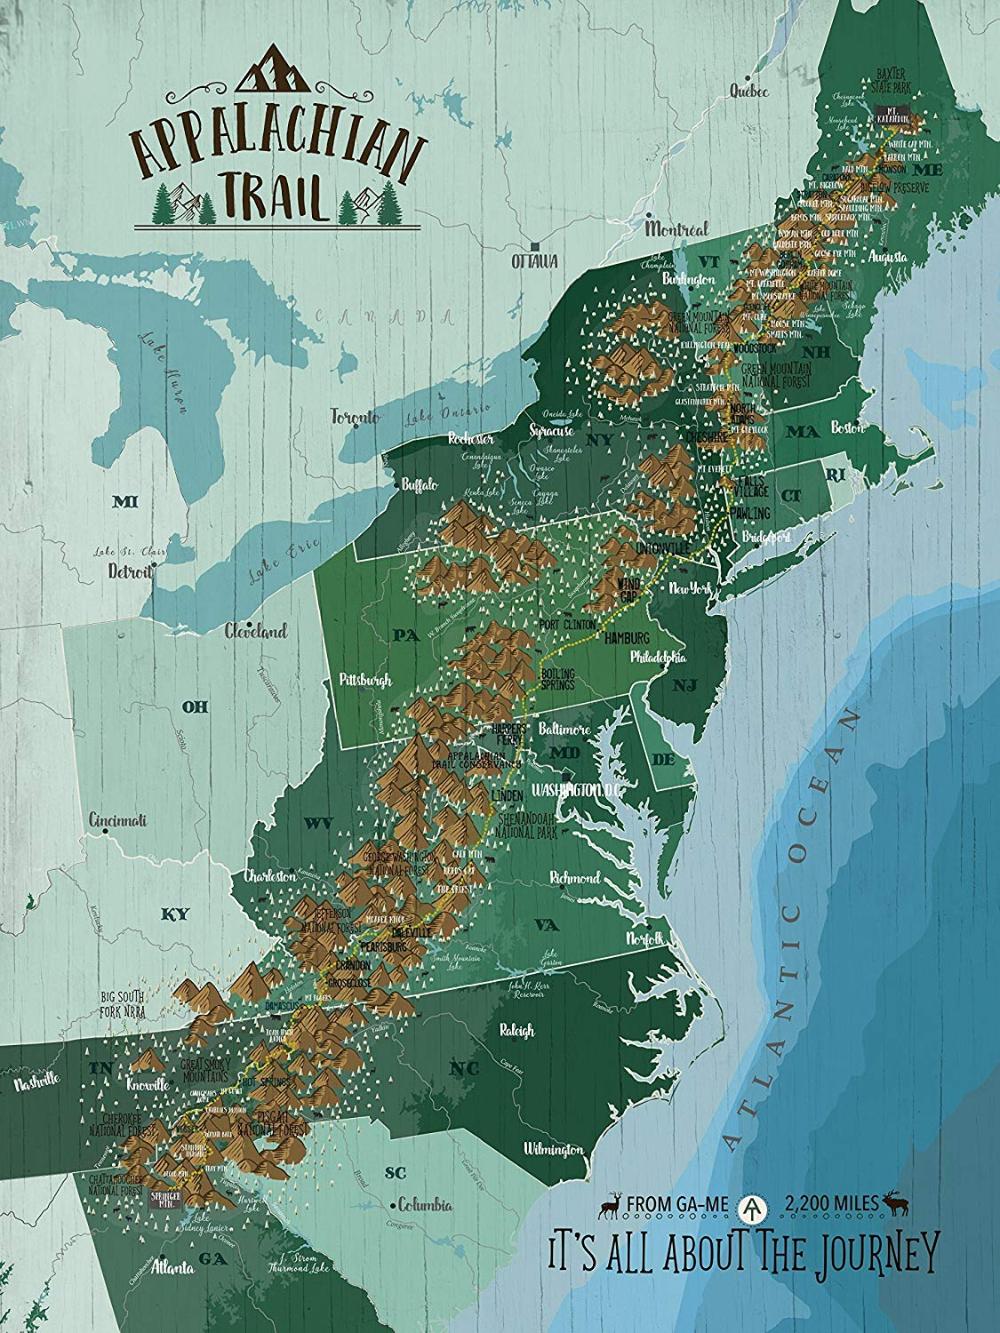 Amazon Com Appalachian Trail Map Hiking Map Of Appalachian Trail Wall Decor Personalized 18x24 Inches Hiking Map Appalachian Trail Appalachian Trail Map